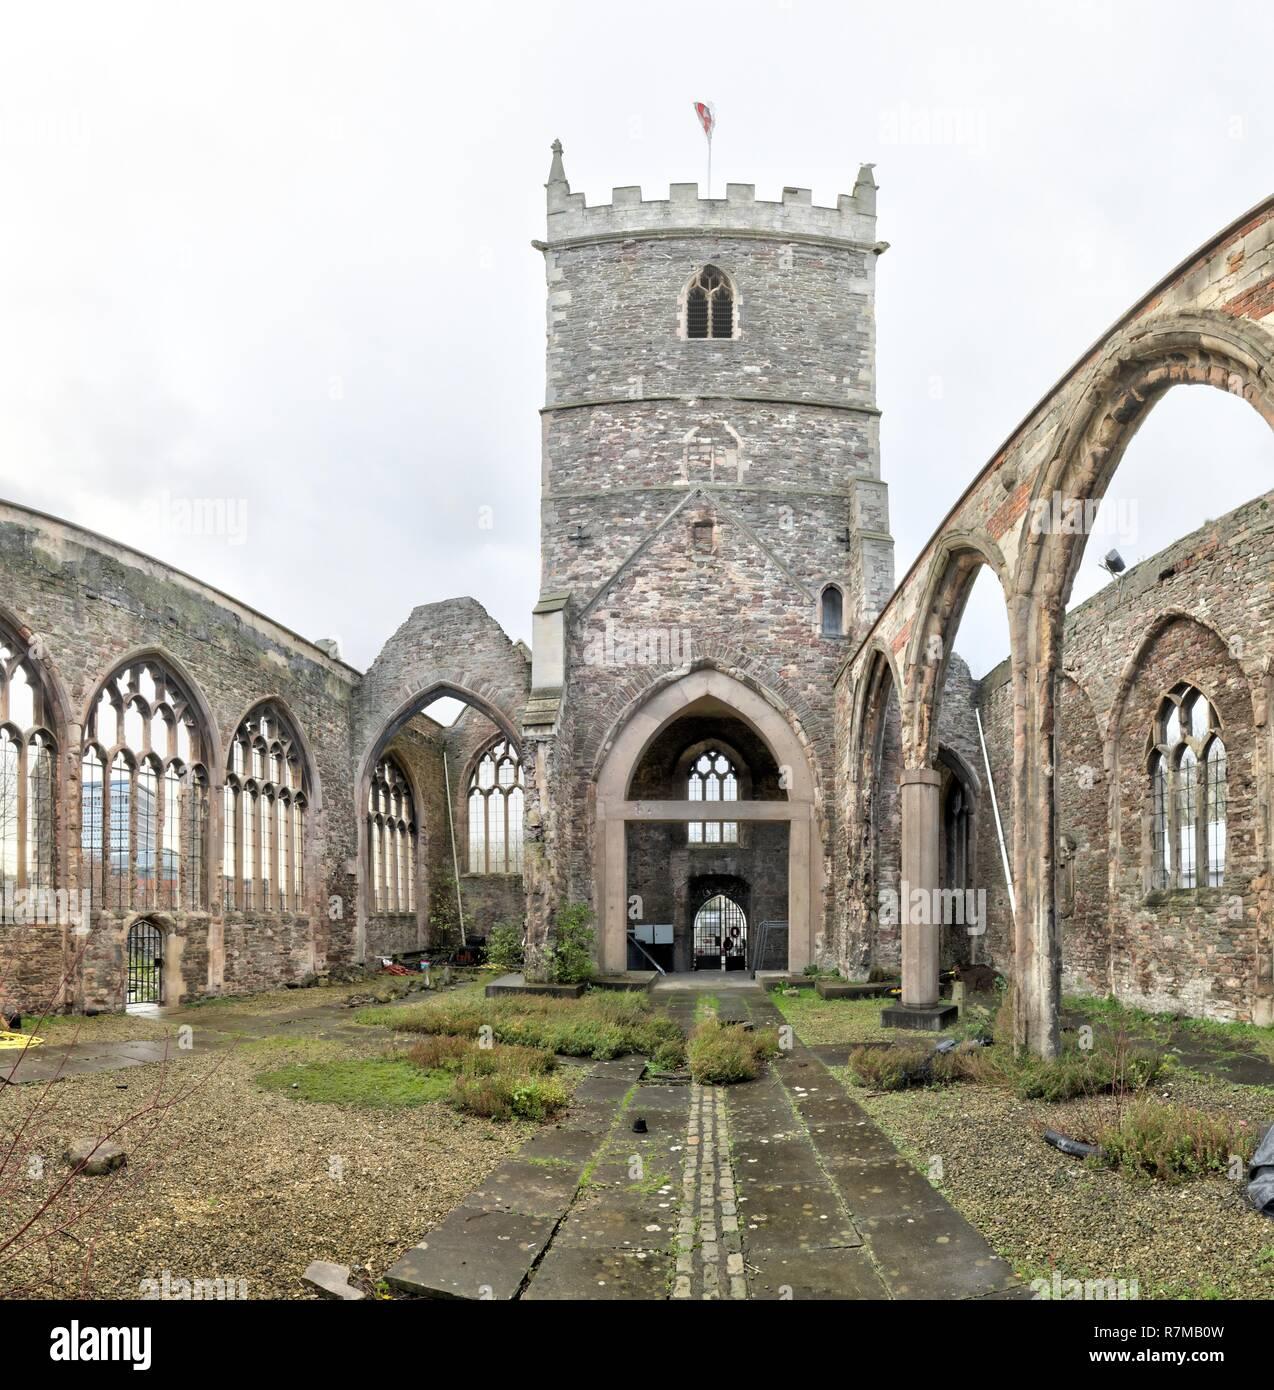 L'intérieur de l'abandonné de le percer à Saint Peter's Church dans le parc du château, avec des fenêtres en ogive et Bell Tower, à Bristol, Royaume-Uni Banque D'Images